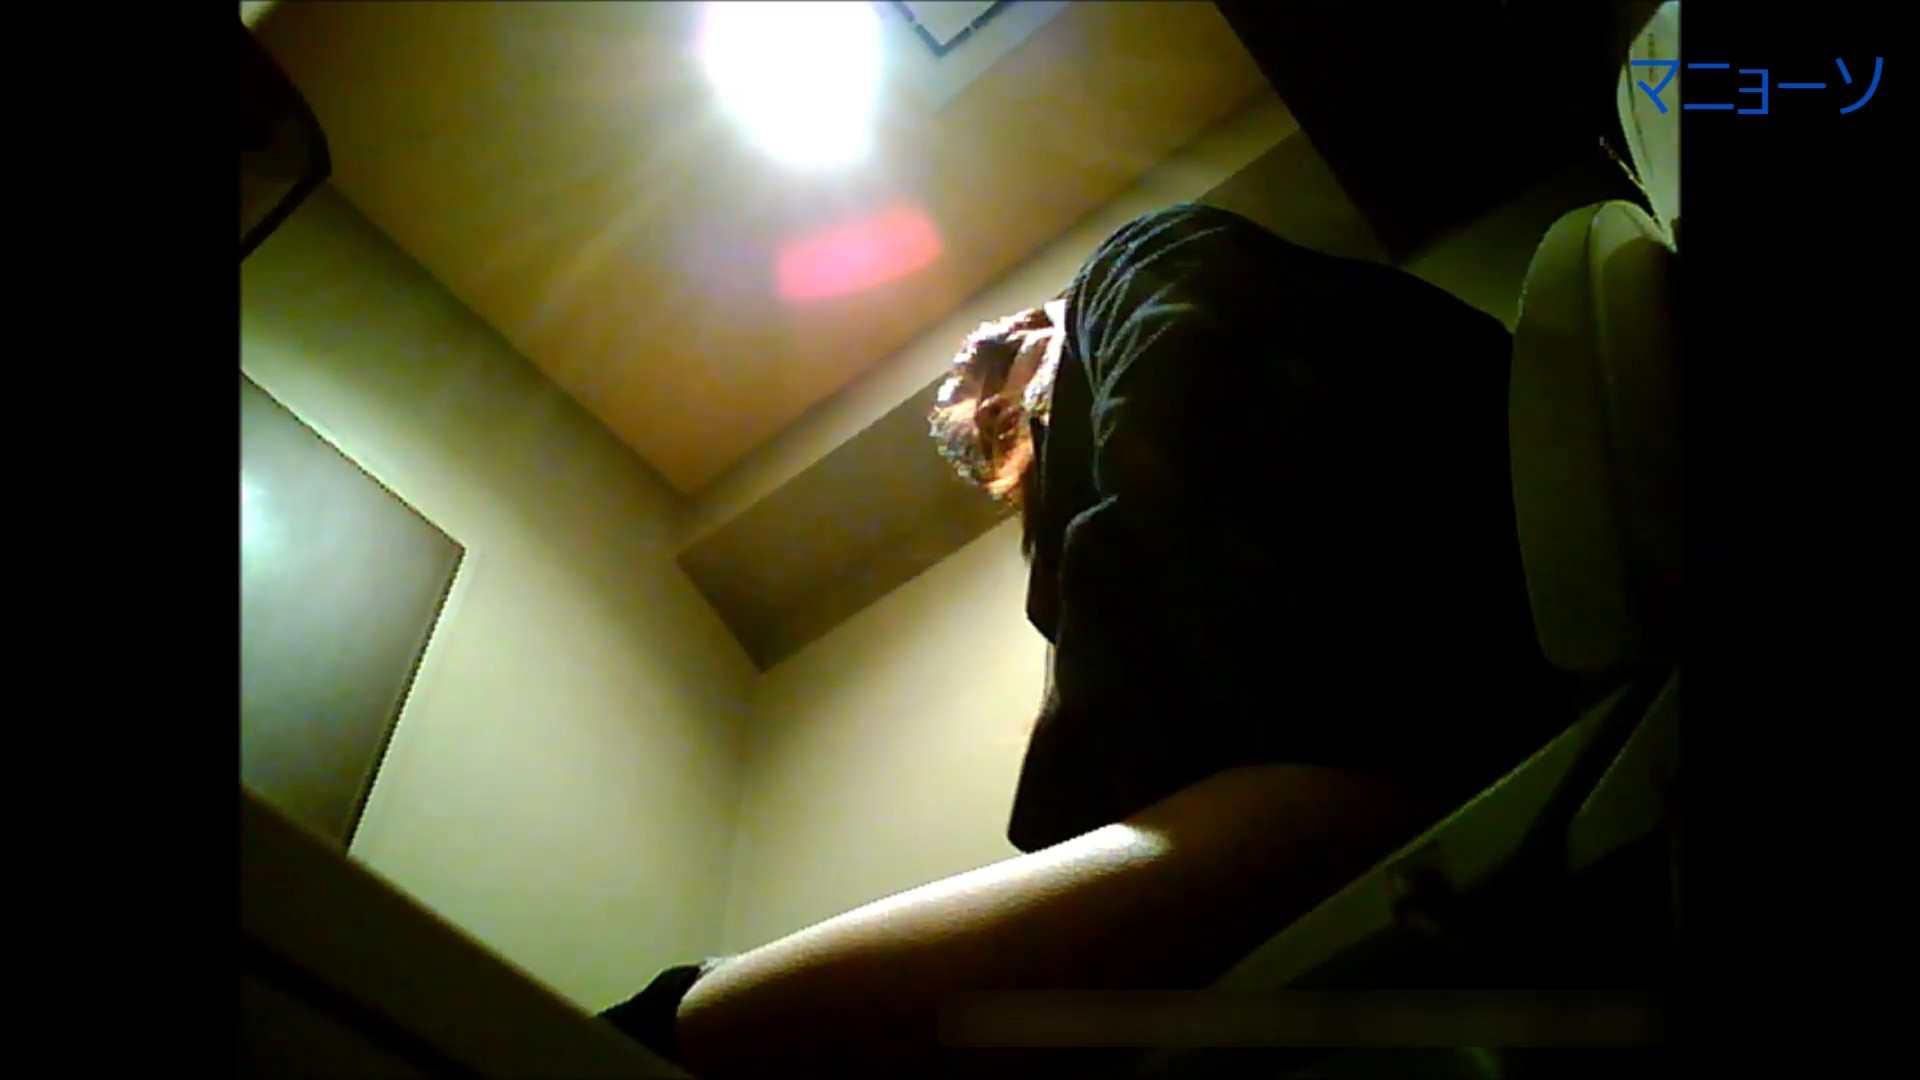 トイレでひと肌脱いでもらいました (OL編)Vol.06 お姉さん  76PIX 8